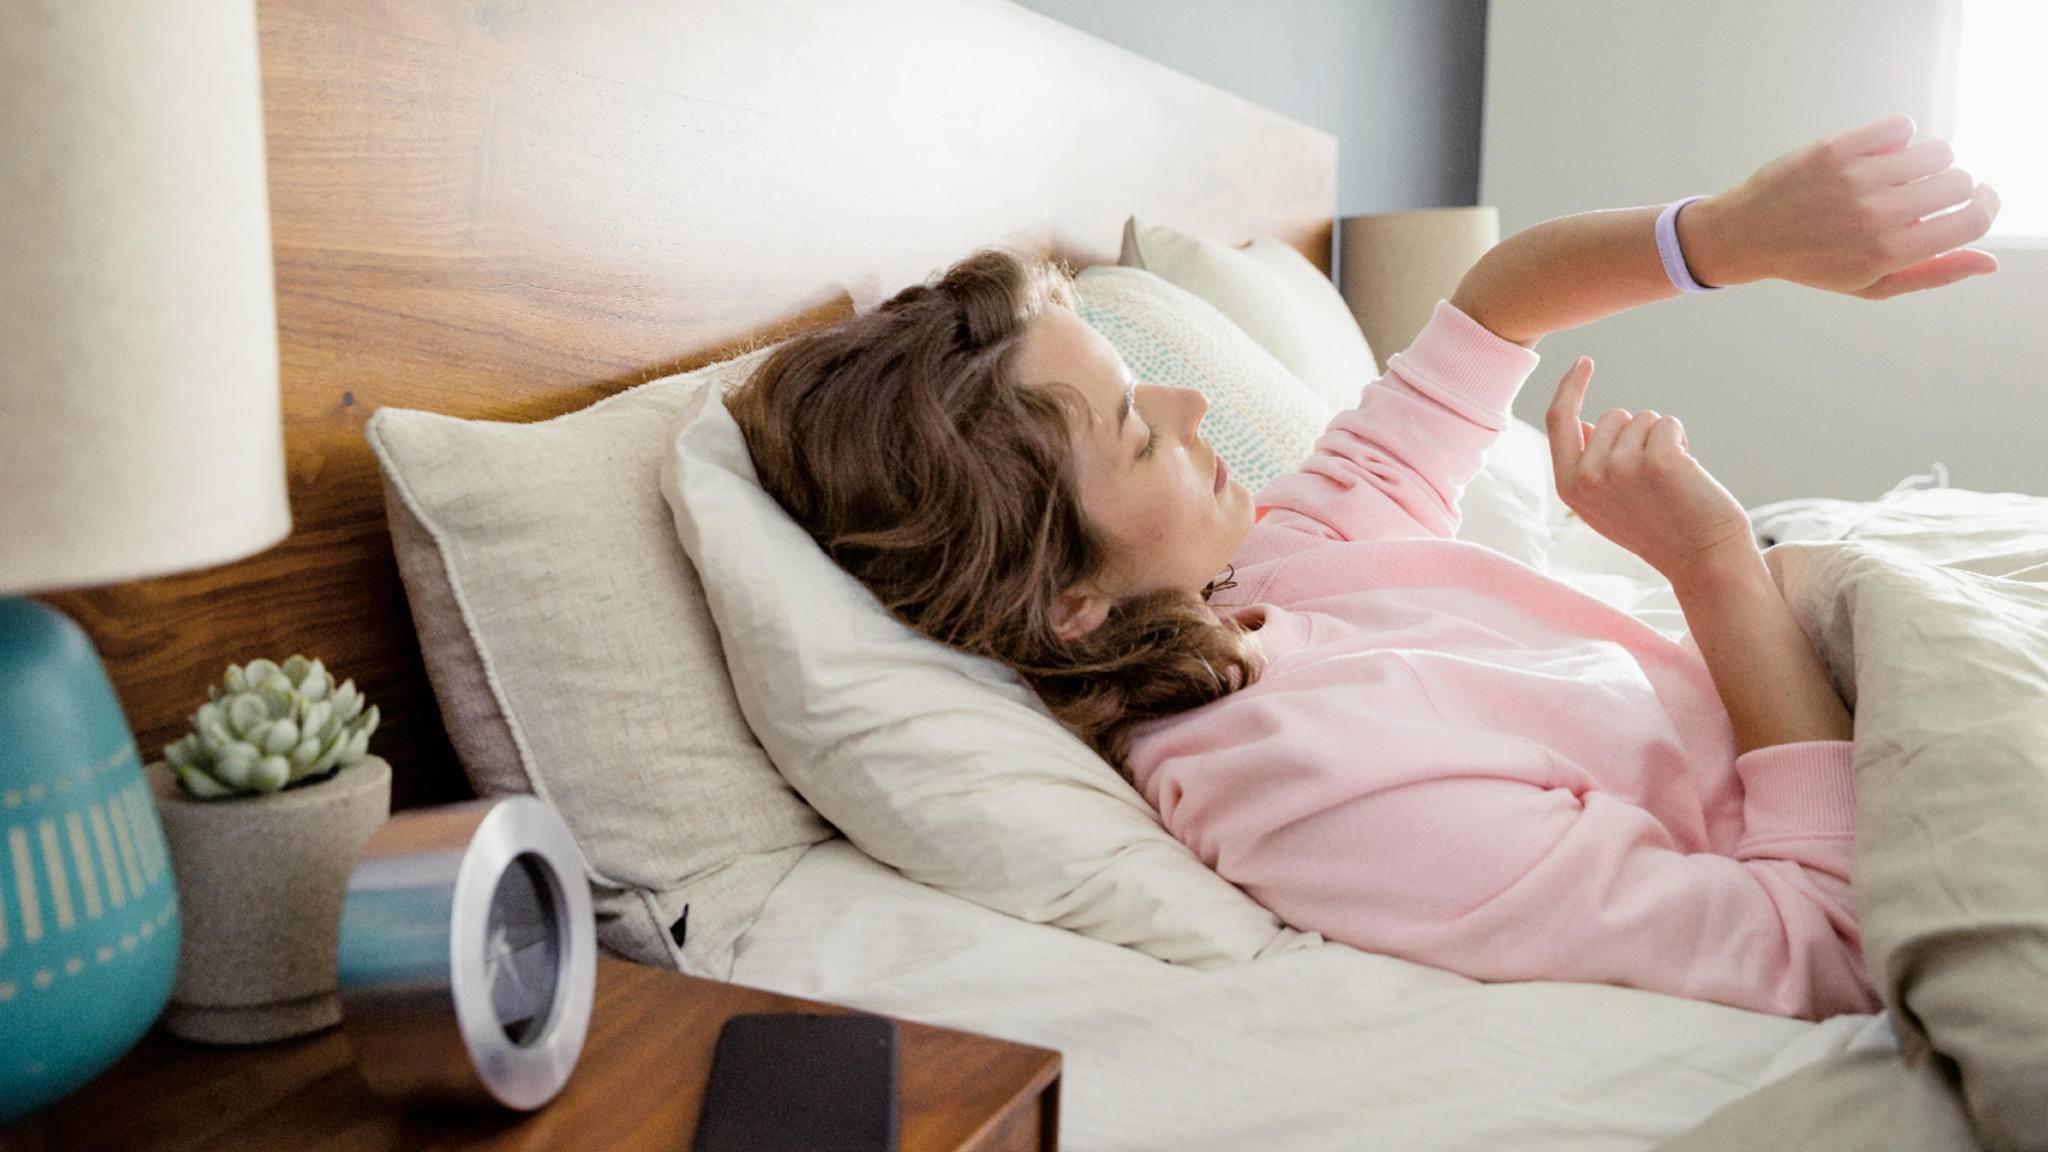 Fit schon nach sechs Stunden Schlaf? Laut Fitbit ist das gar nicht mal so unüblich.